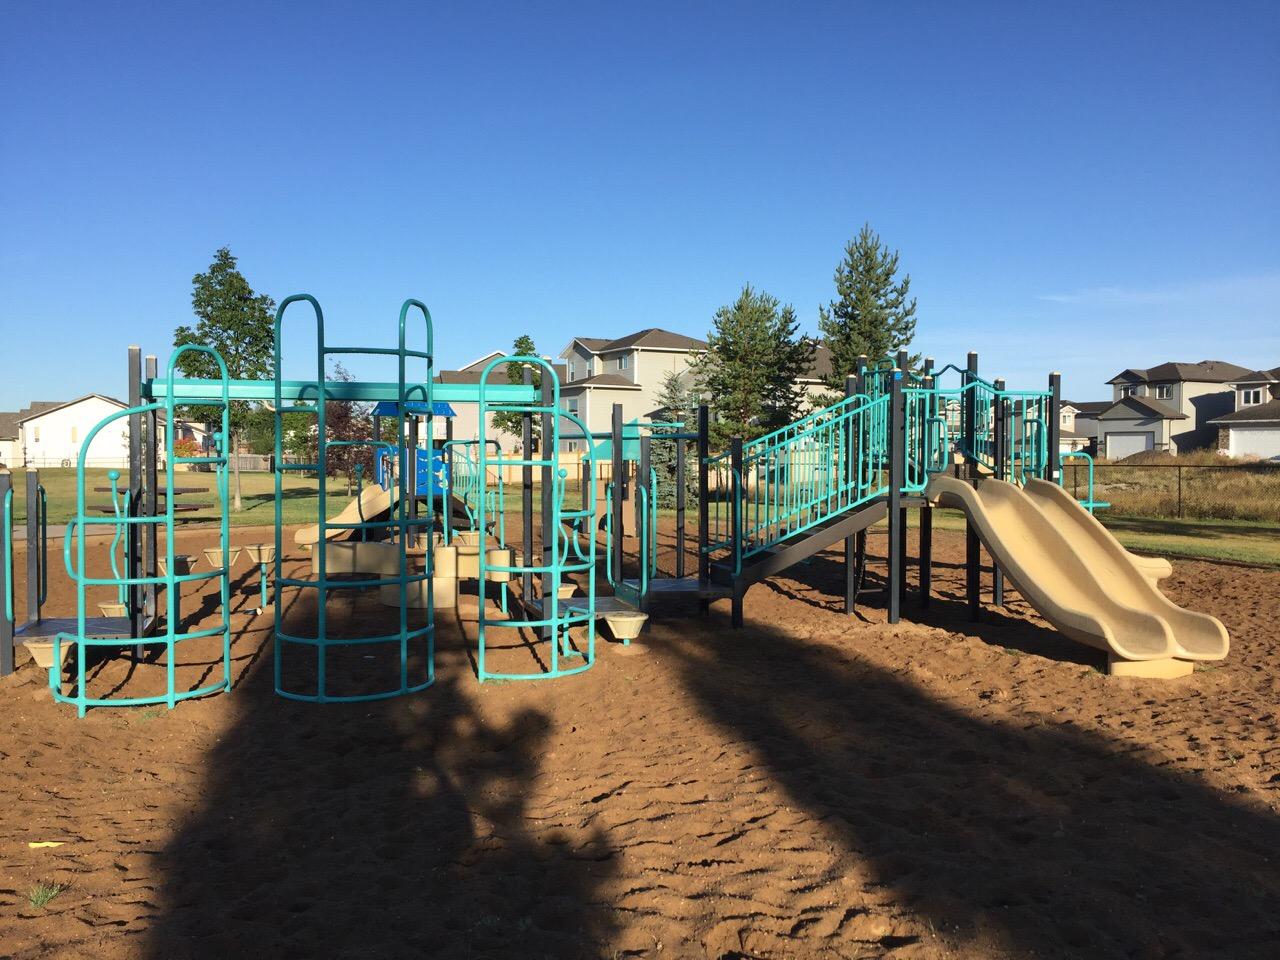 Hibbs & Fredette Family Park